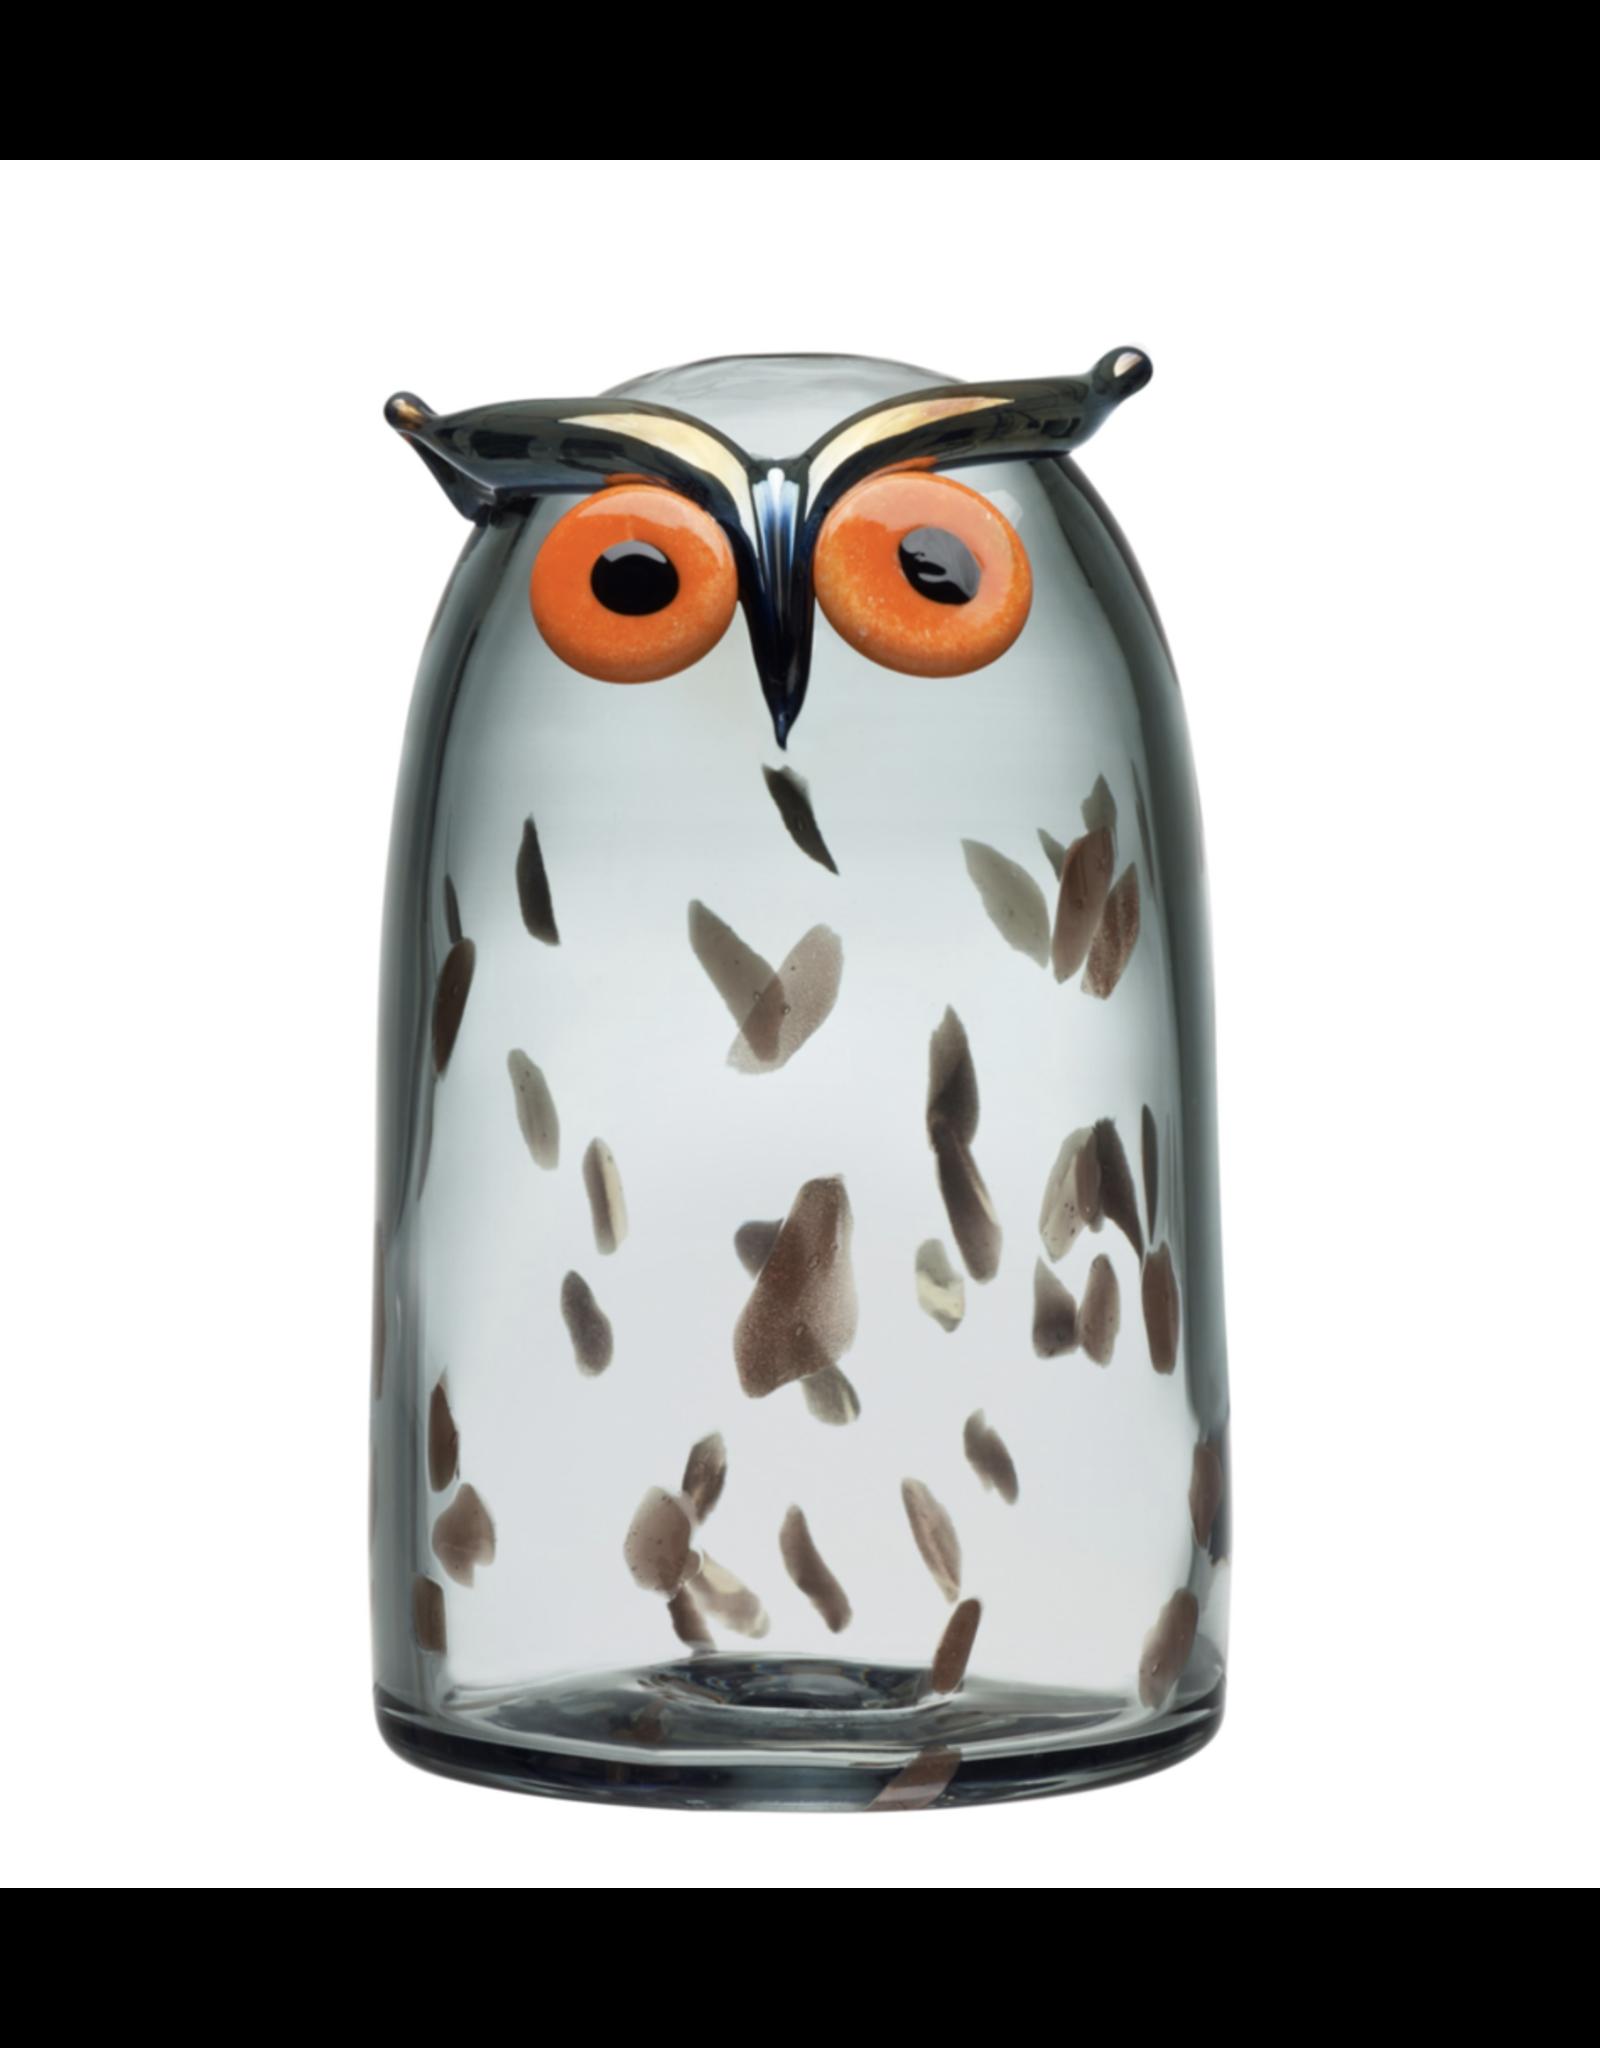 LONG-EARED OWL 长耳猫头鹰